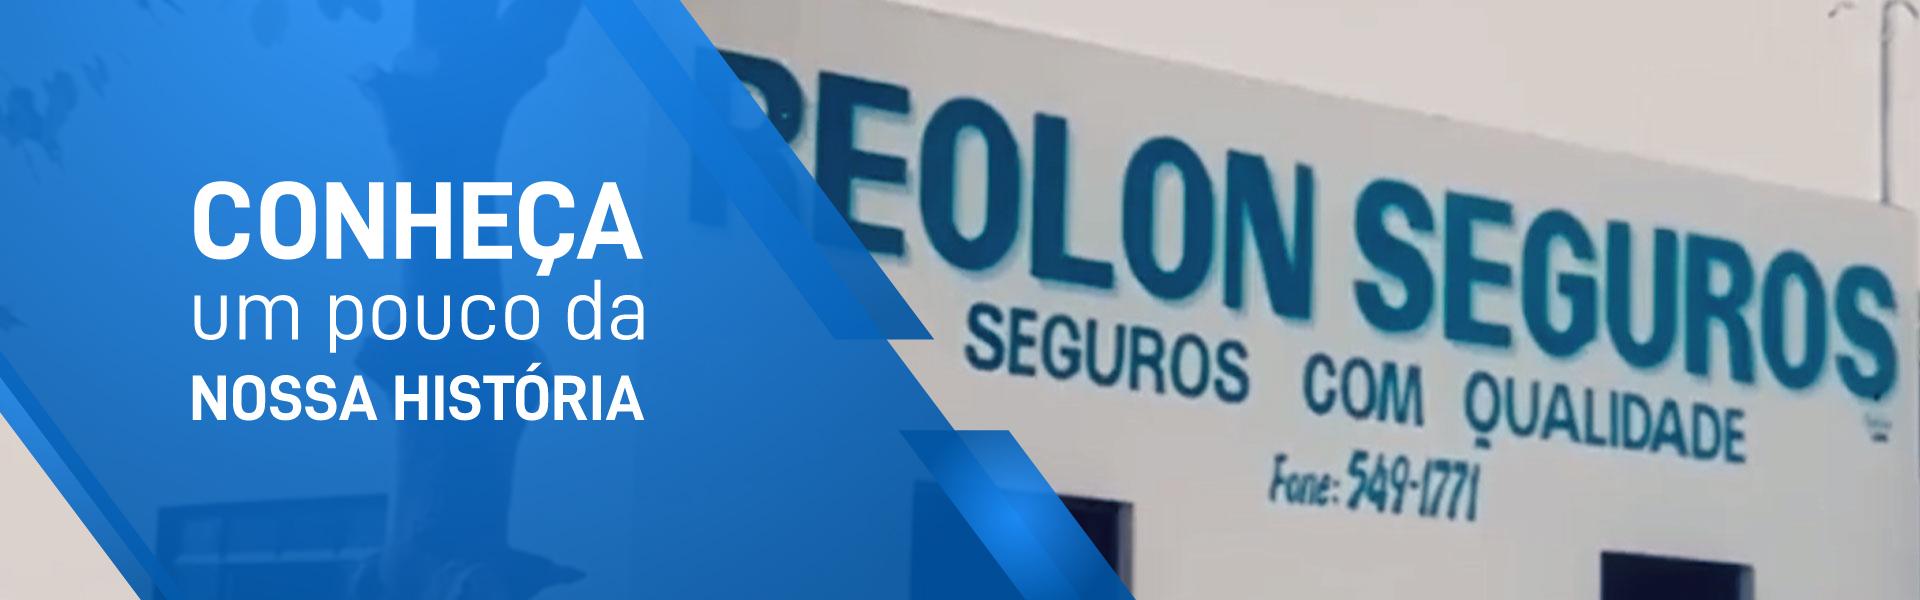 História da Reolon Corretora